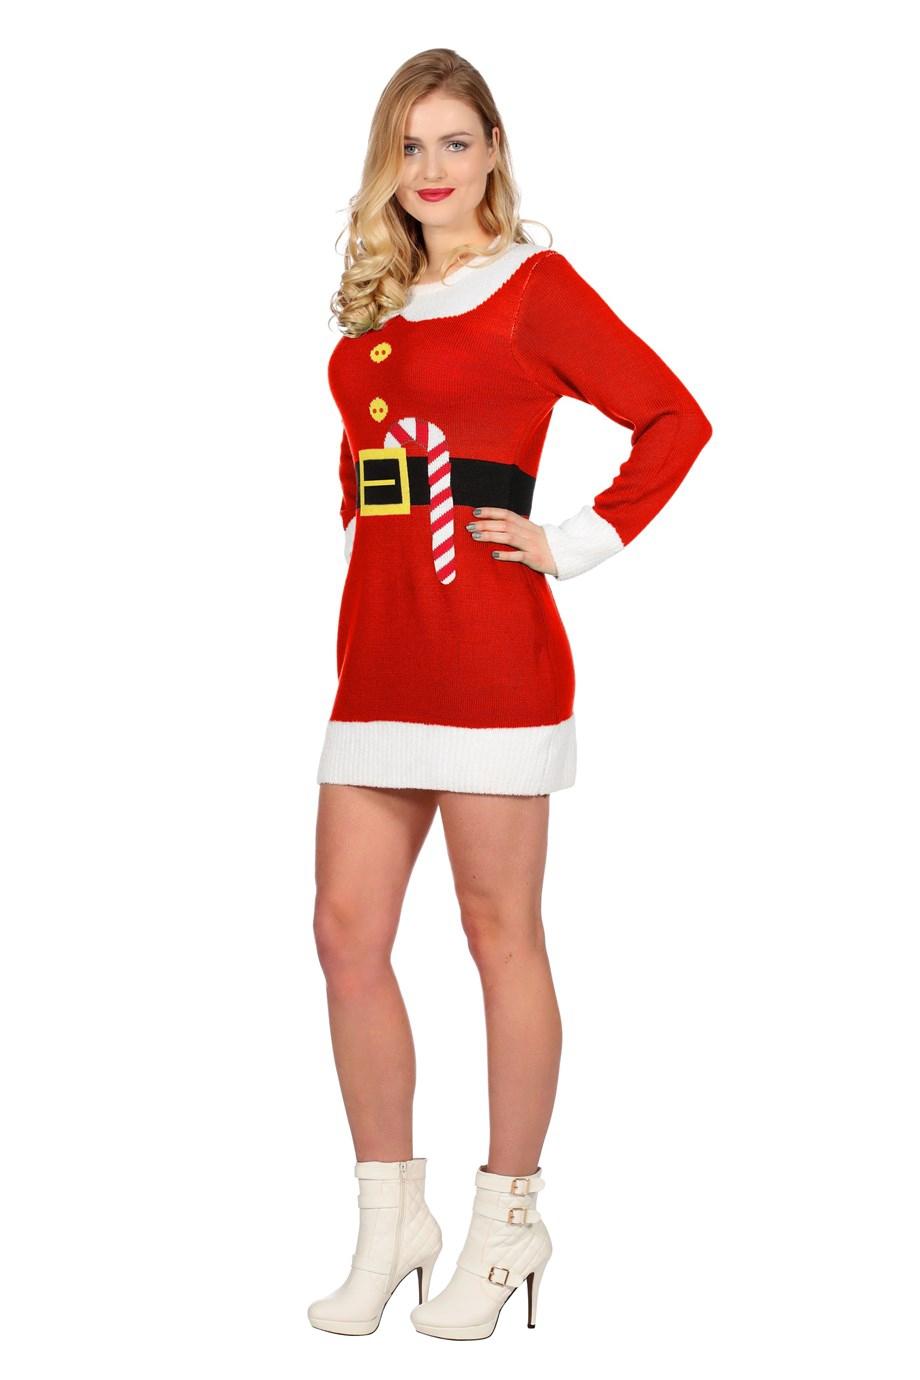 Kerst jurk rood kerst elf voor volwassenen